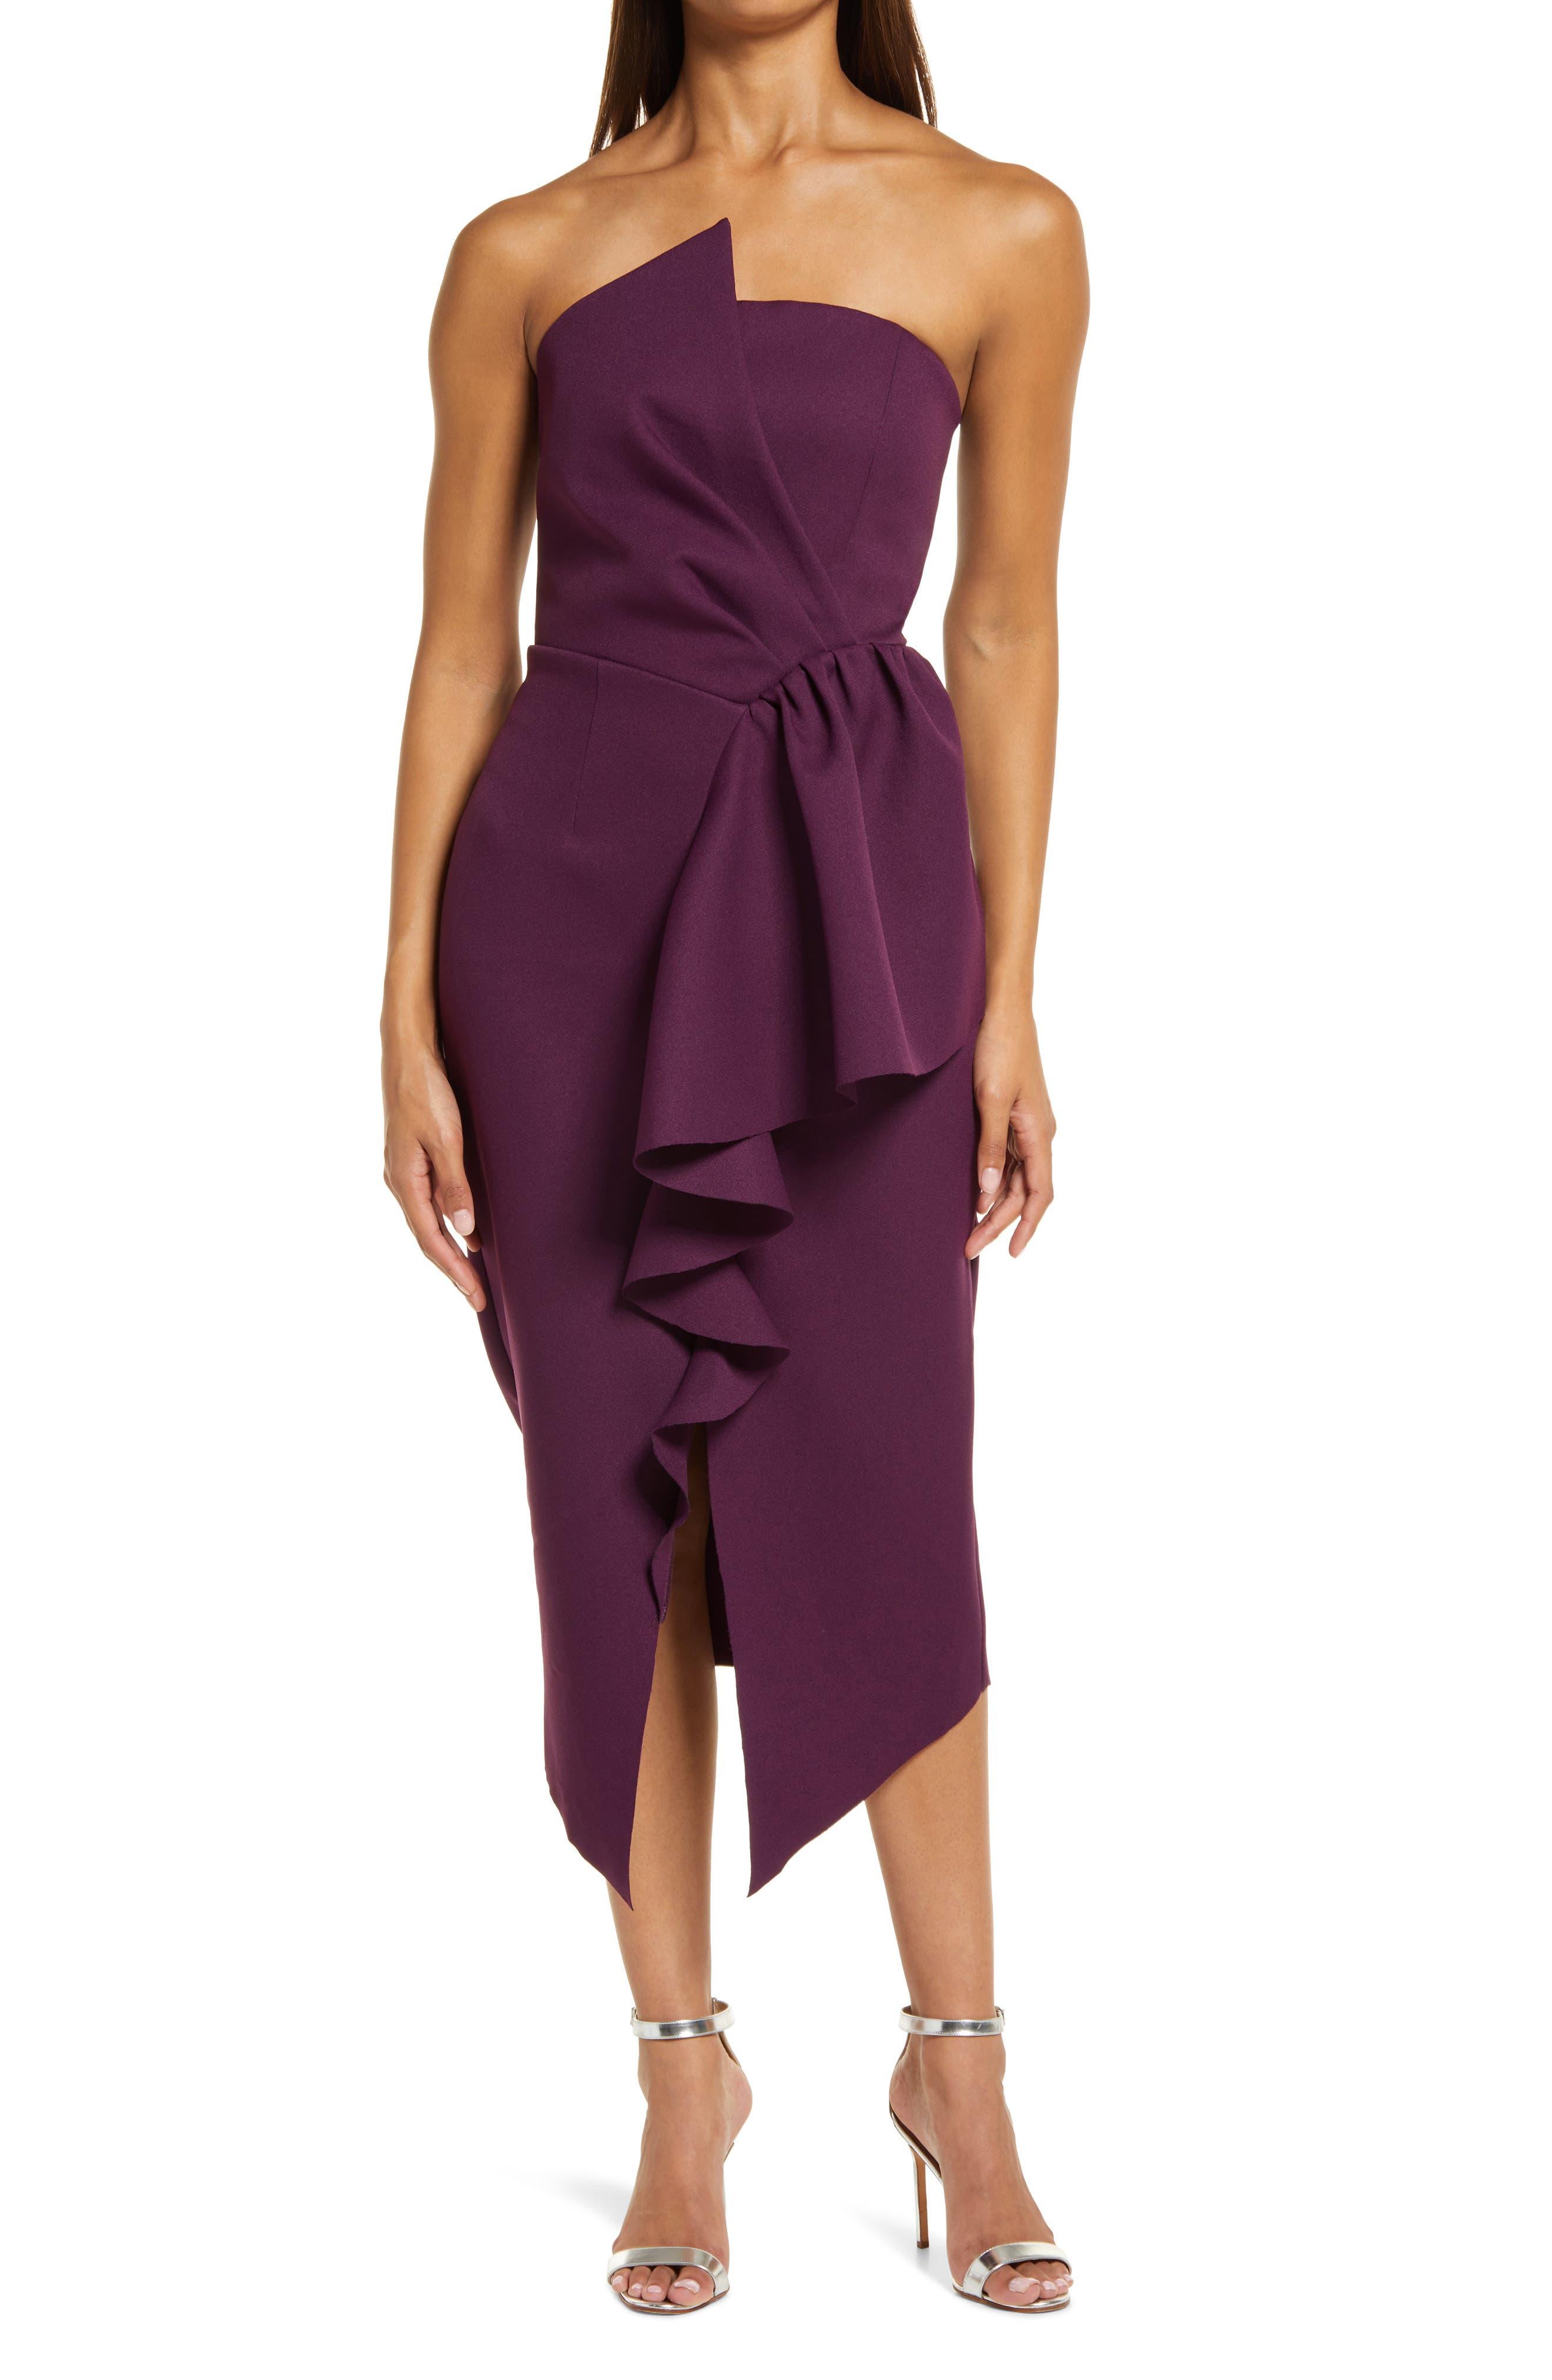 Reception Cascade Ruffle Strapless Cocktail Dress